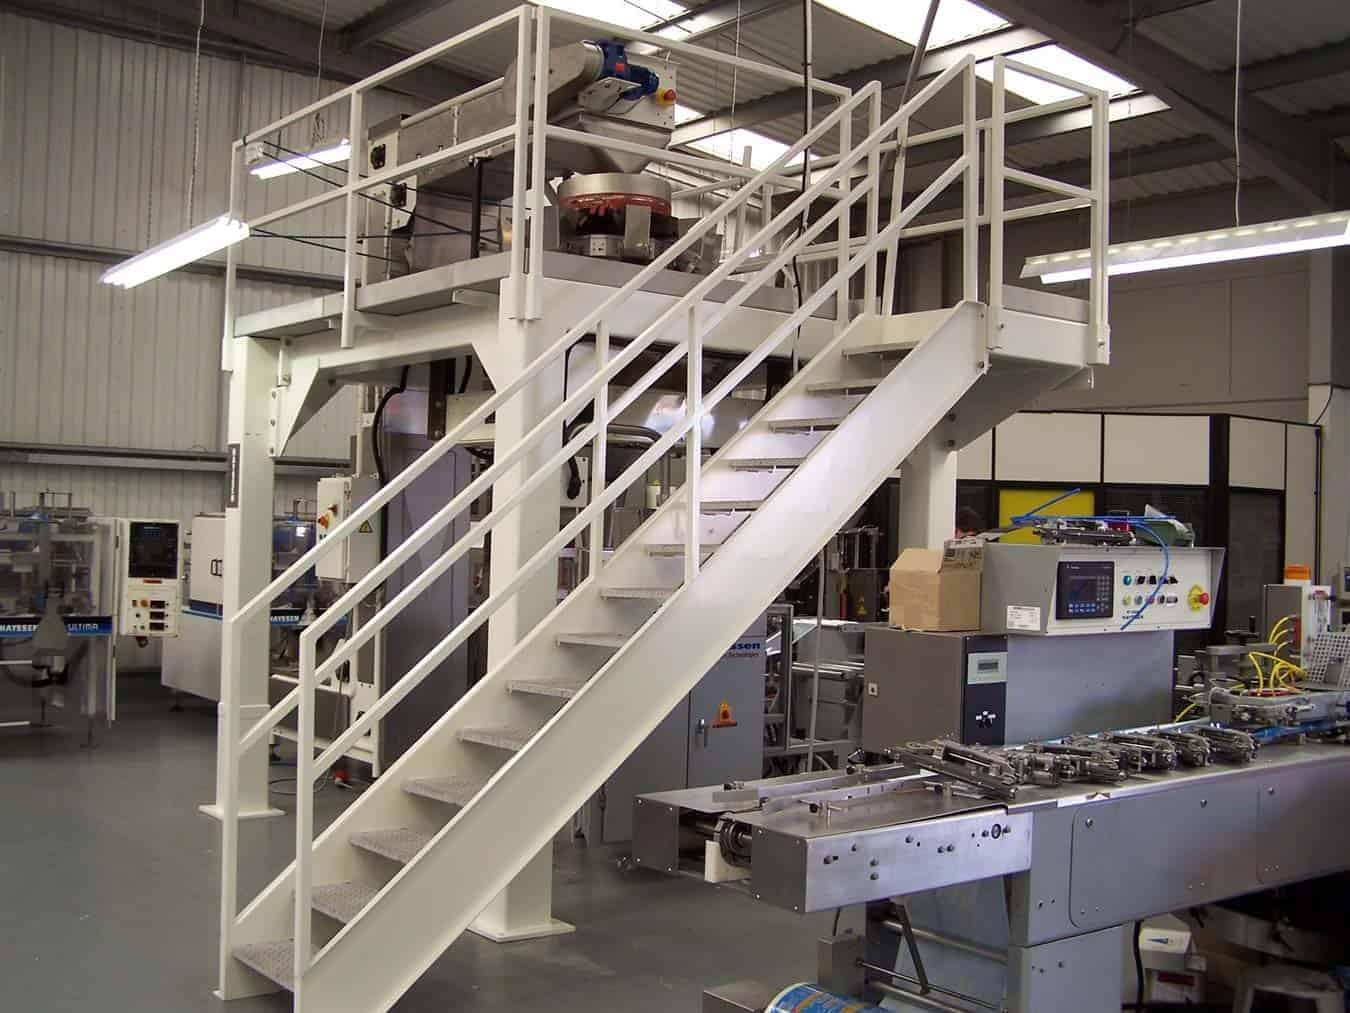 En 1090 Structural Steel Mezzanine Floor Food Conveyor Manufacturers Platform & Mezzanine Wrightfield